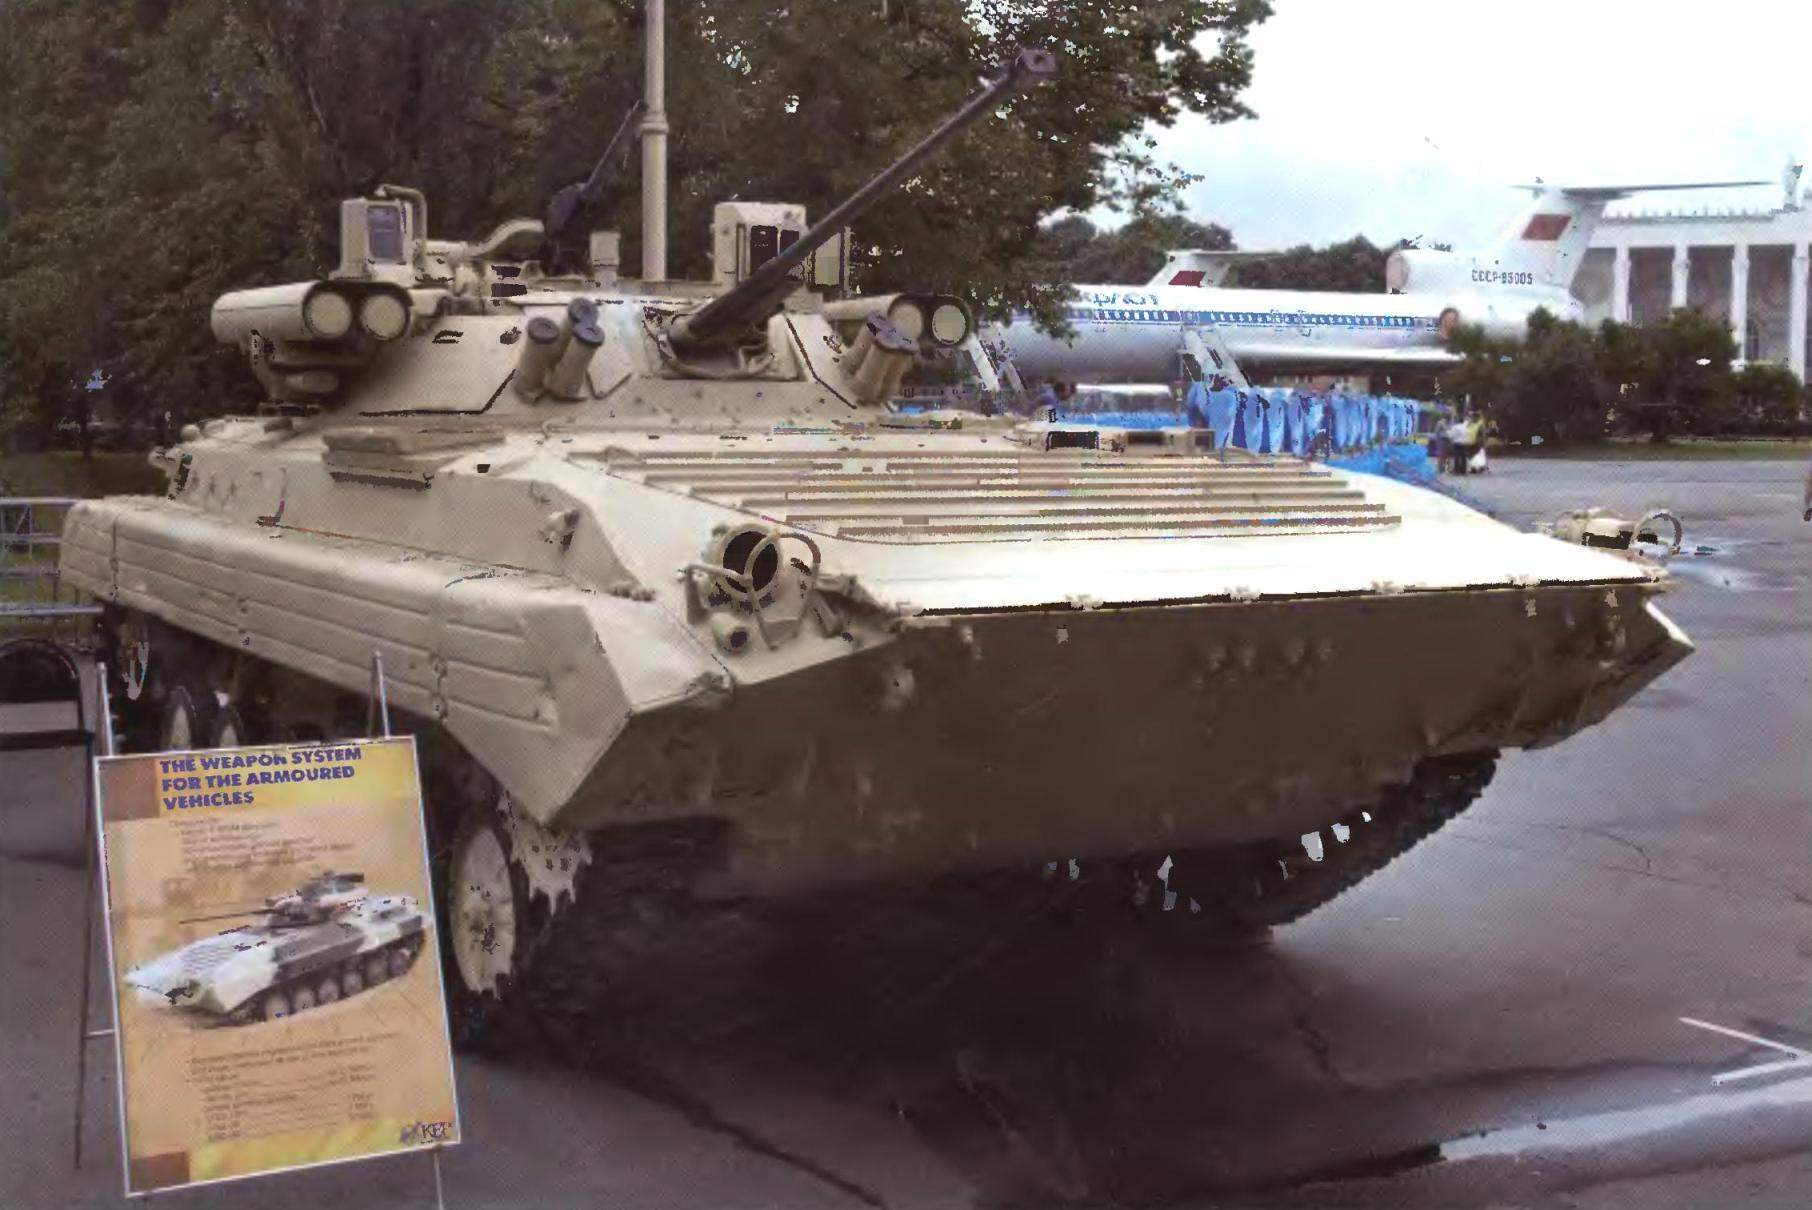 Модернизированный вариант БМП-2 — экспонат МВСВ-2006, Москва